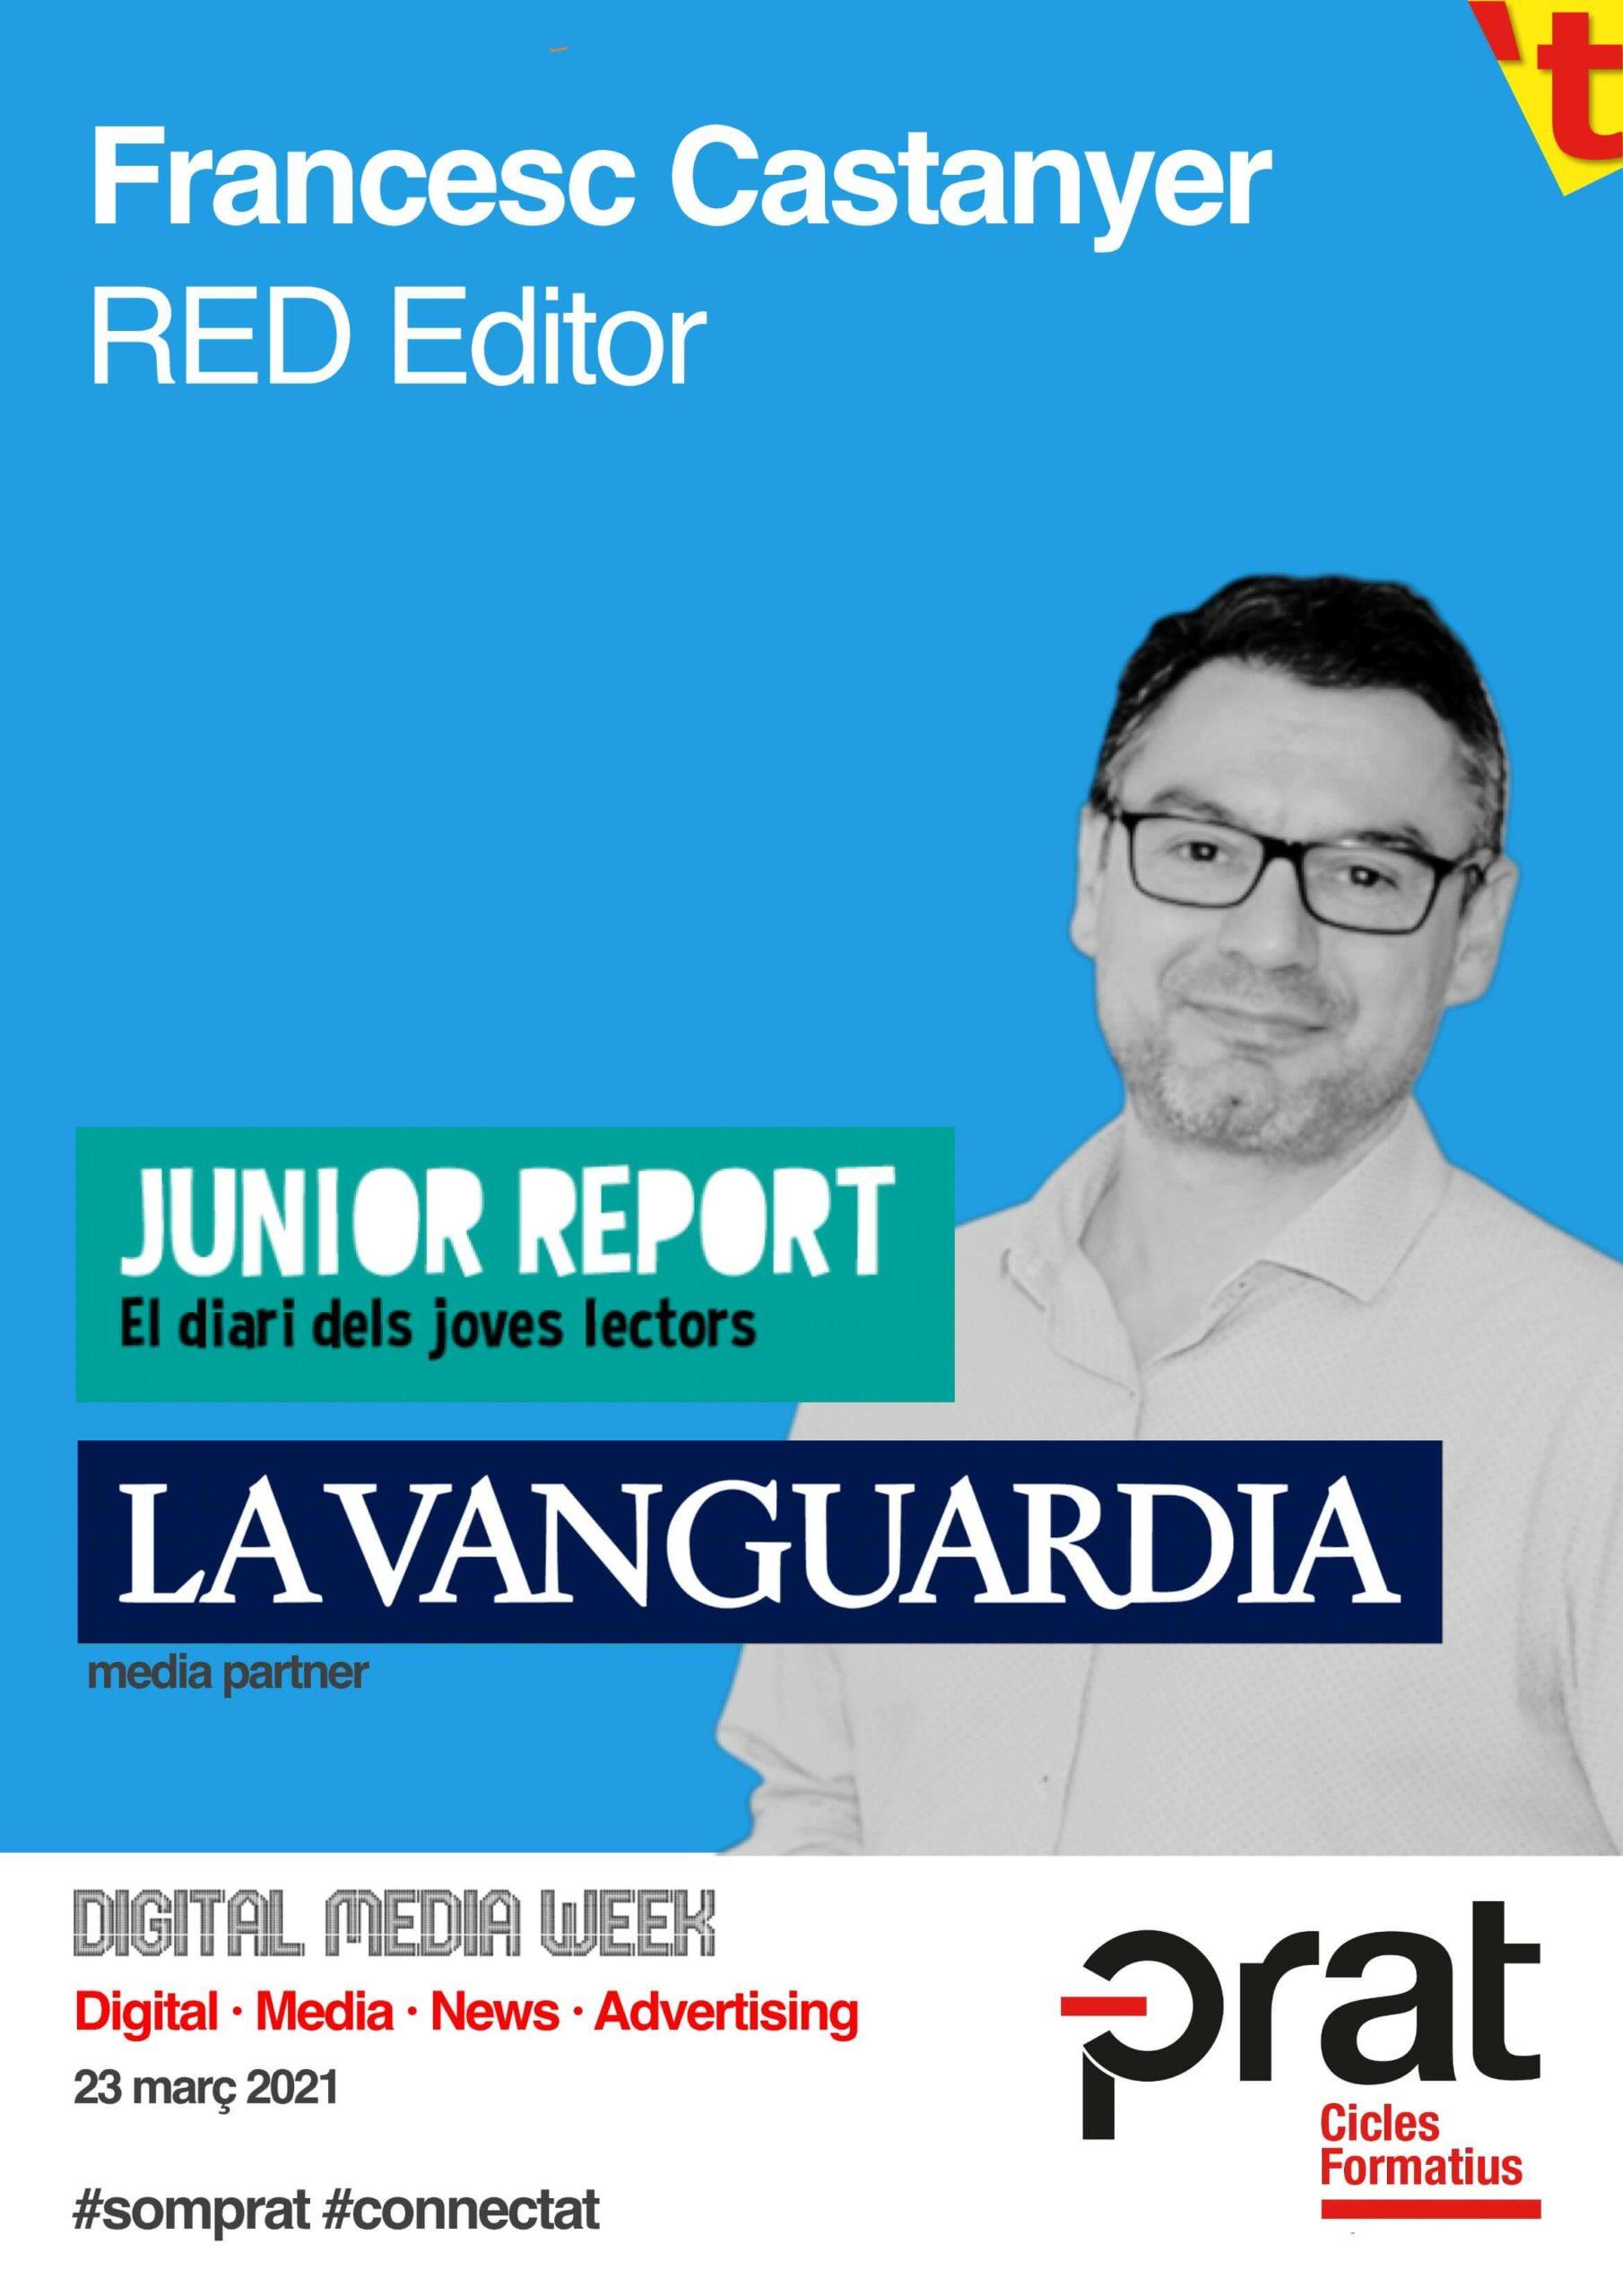 Digital Media Week: Junior Report i La Vanguardia - Cicle Formatiu de Grau Superior de Màrqueting i Publicitat a Prat Educació